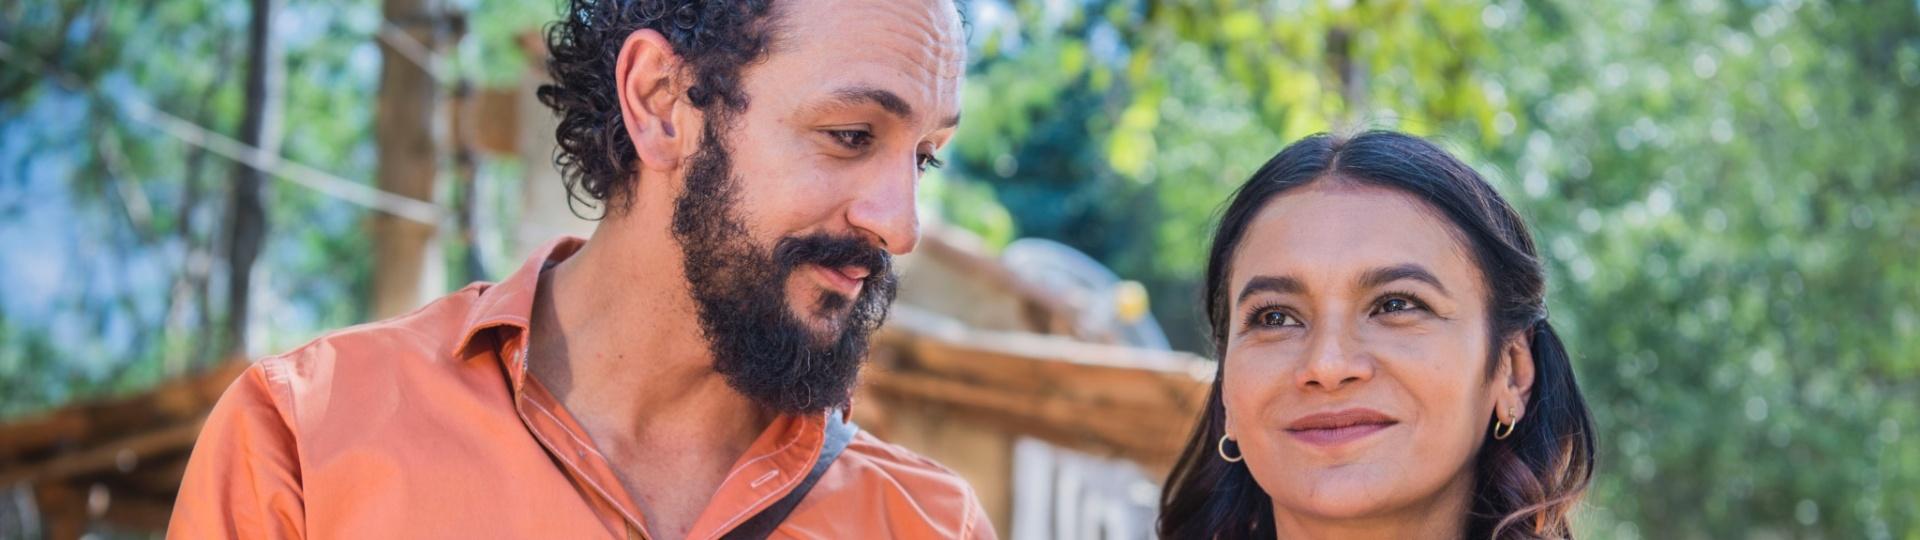 O casal Bento (Irandhir Santos) e Beatriz (Dira Paes) caiu nas graças dos telespectadores de